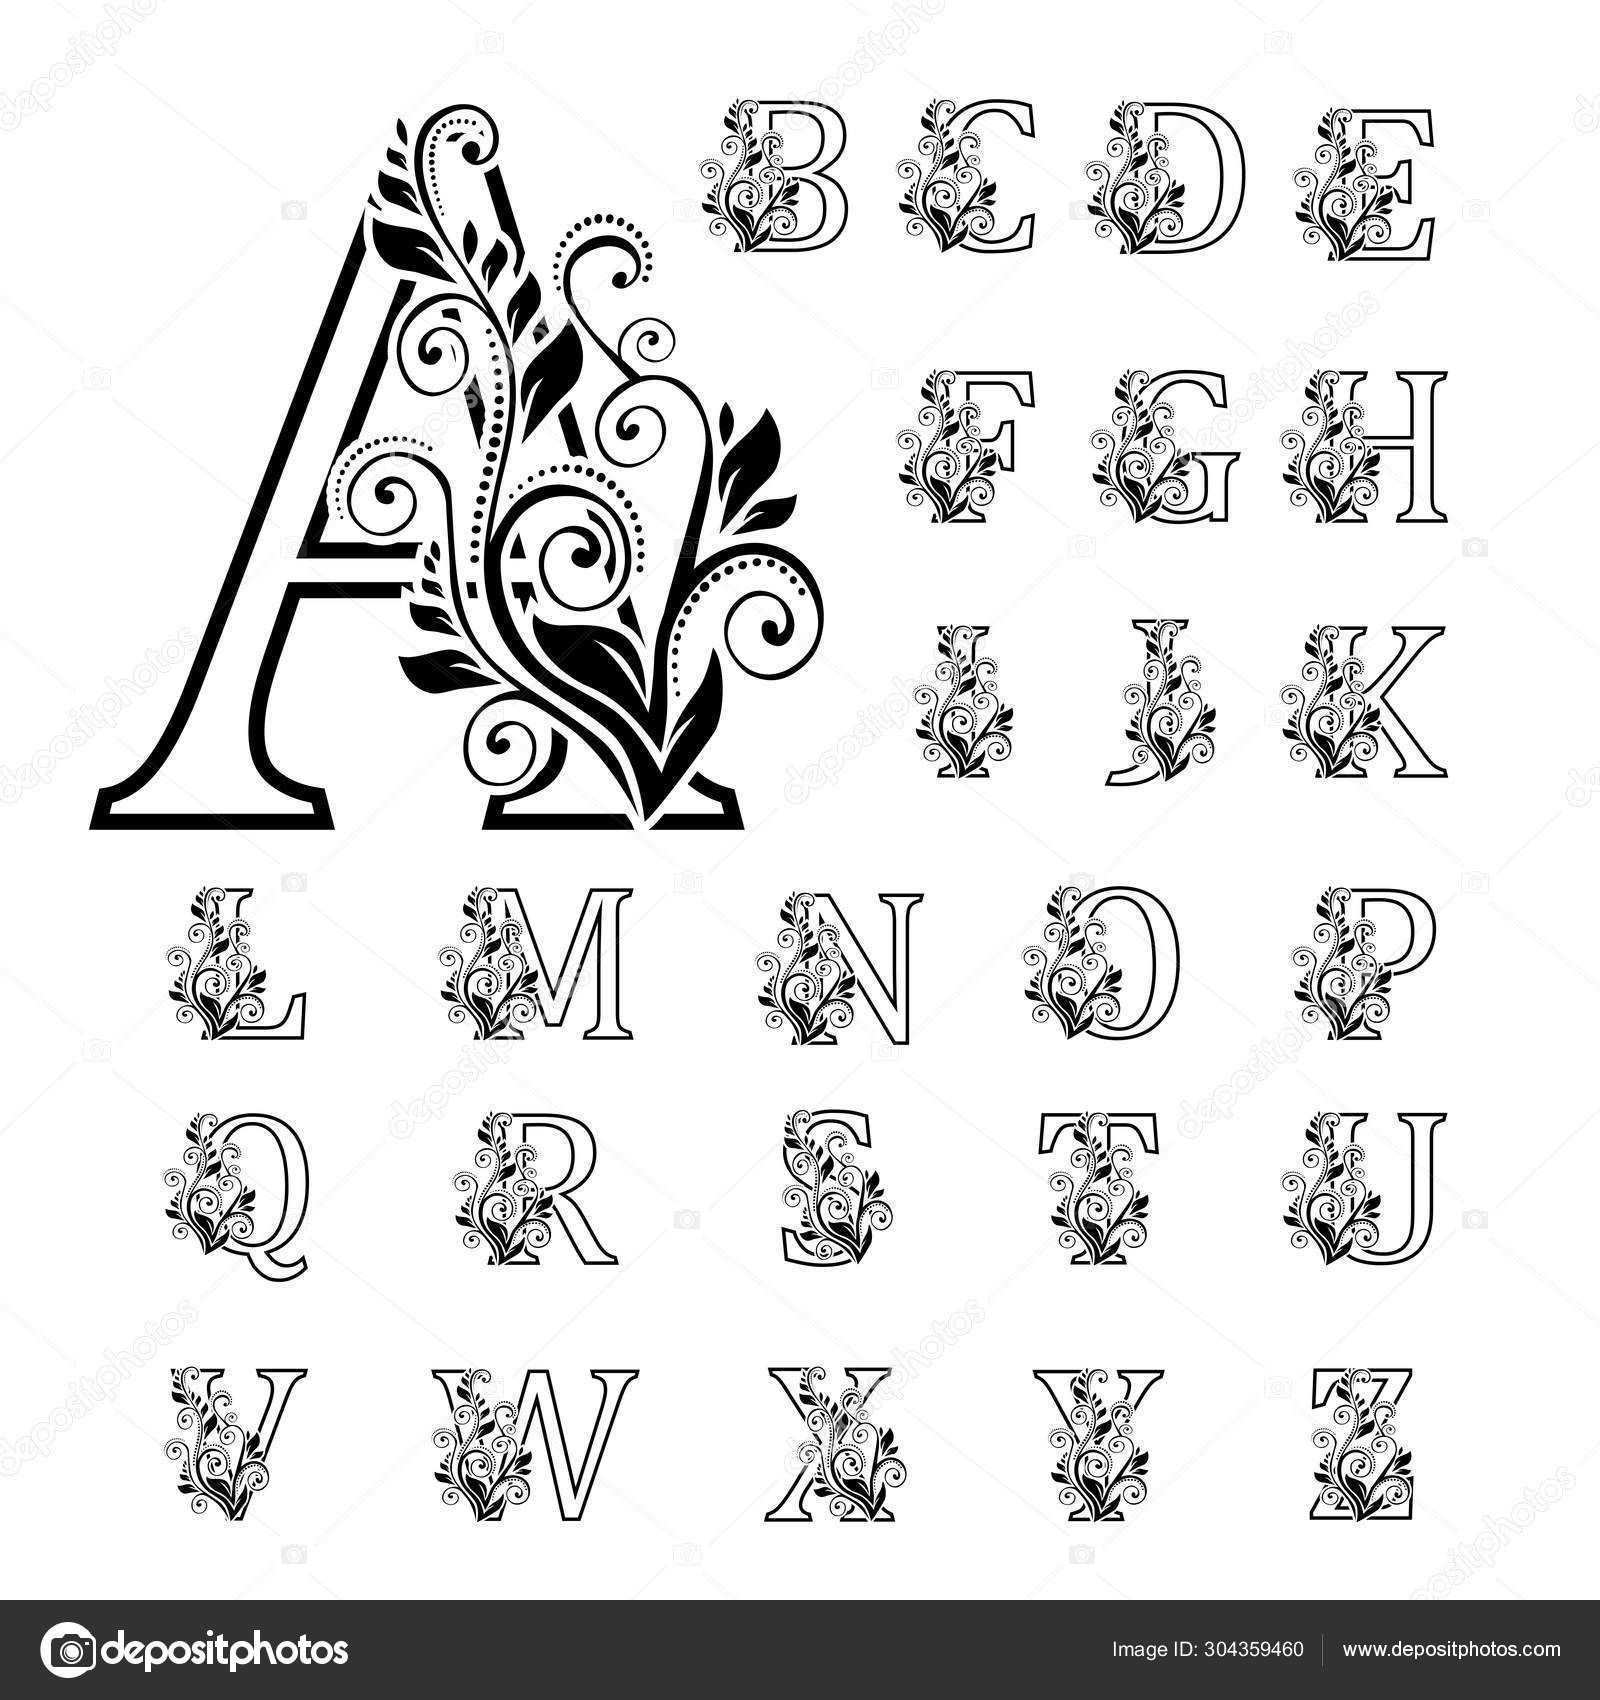 Download Elegant Alphabet With Bouquet Initial Letters With B In 2020 Buchstaben Zeichnen Blumen Buchstaben Handgezeichnete Blumen